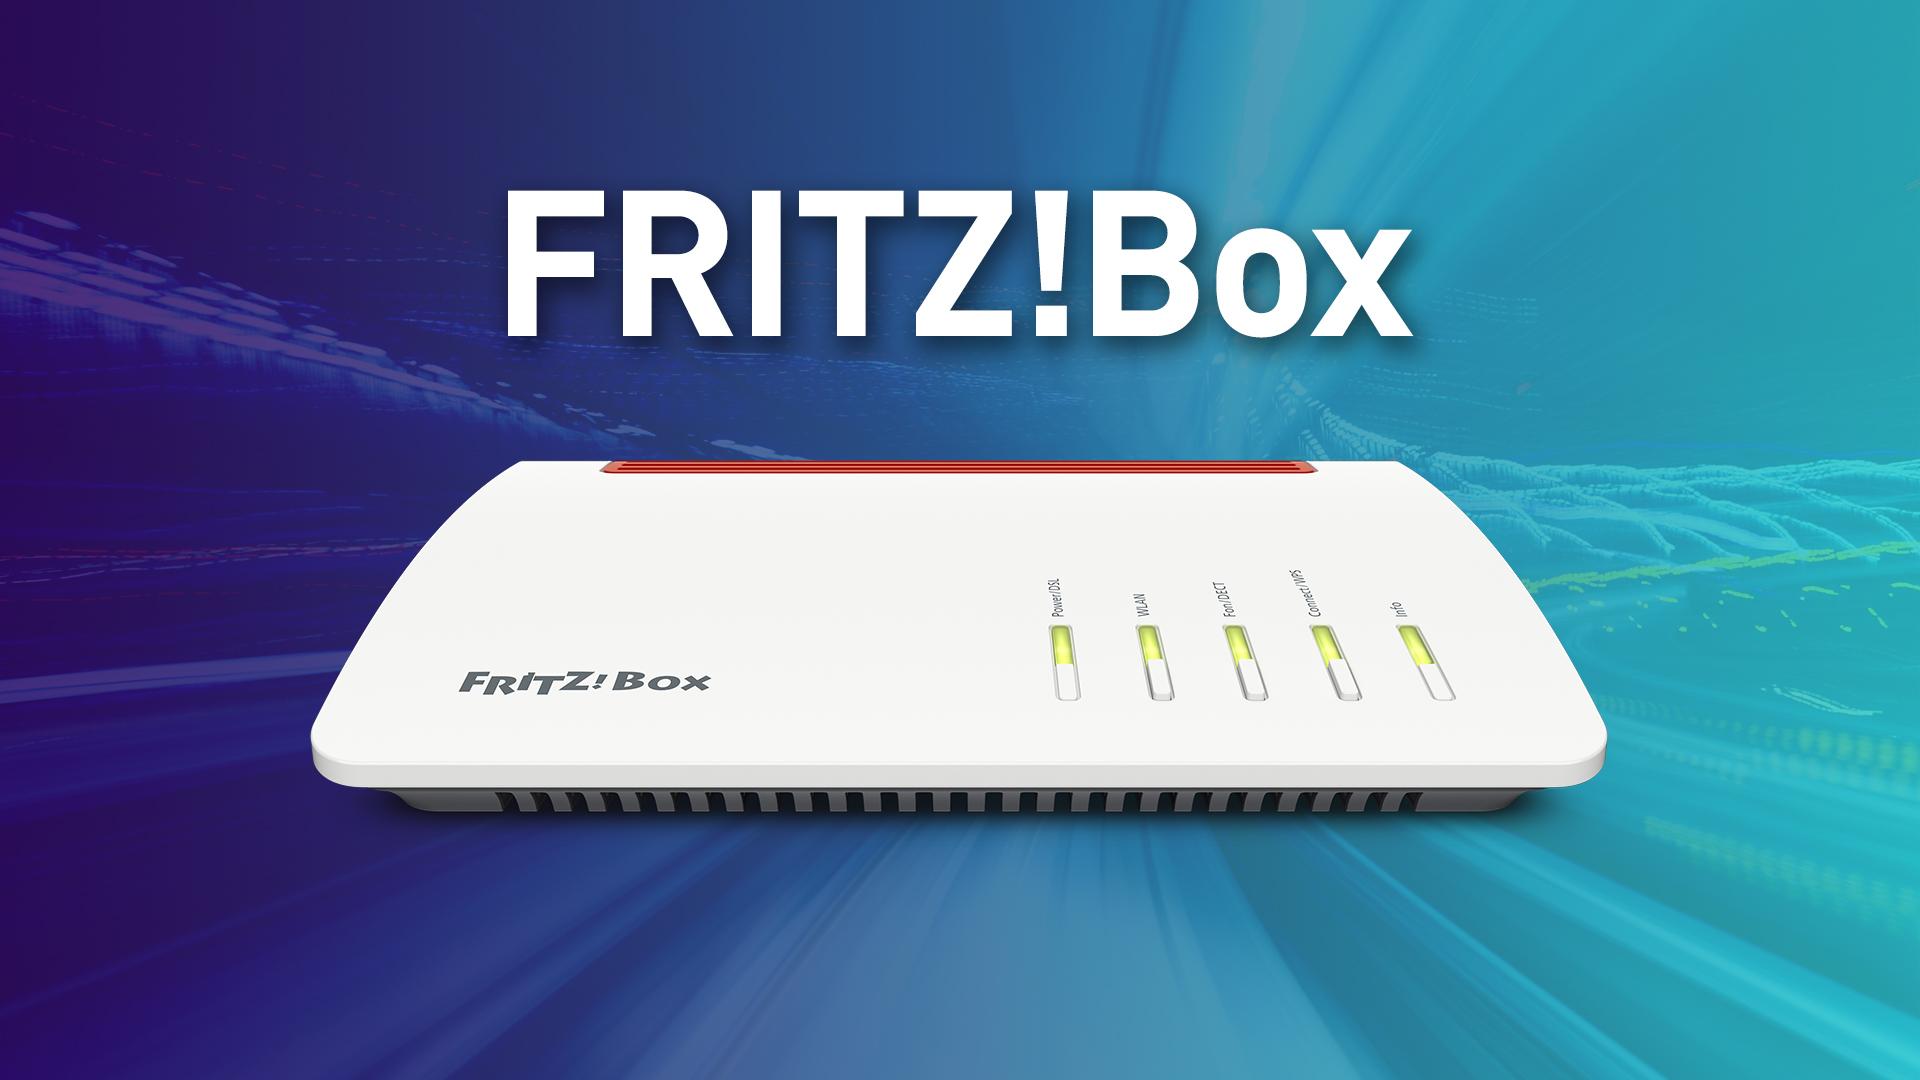 Router, Avm, Fritzbox, Modem, FritzBox 7590, Fritz!box, Fritz!Box 7590, AVM Fritz!Box